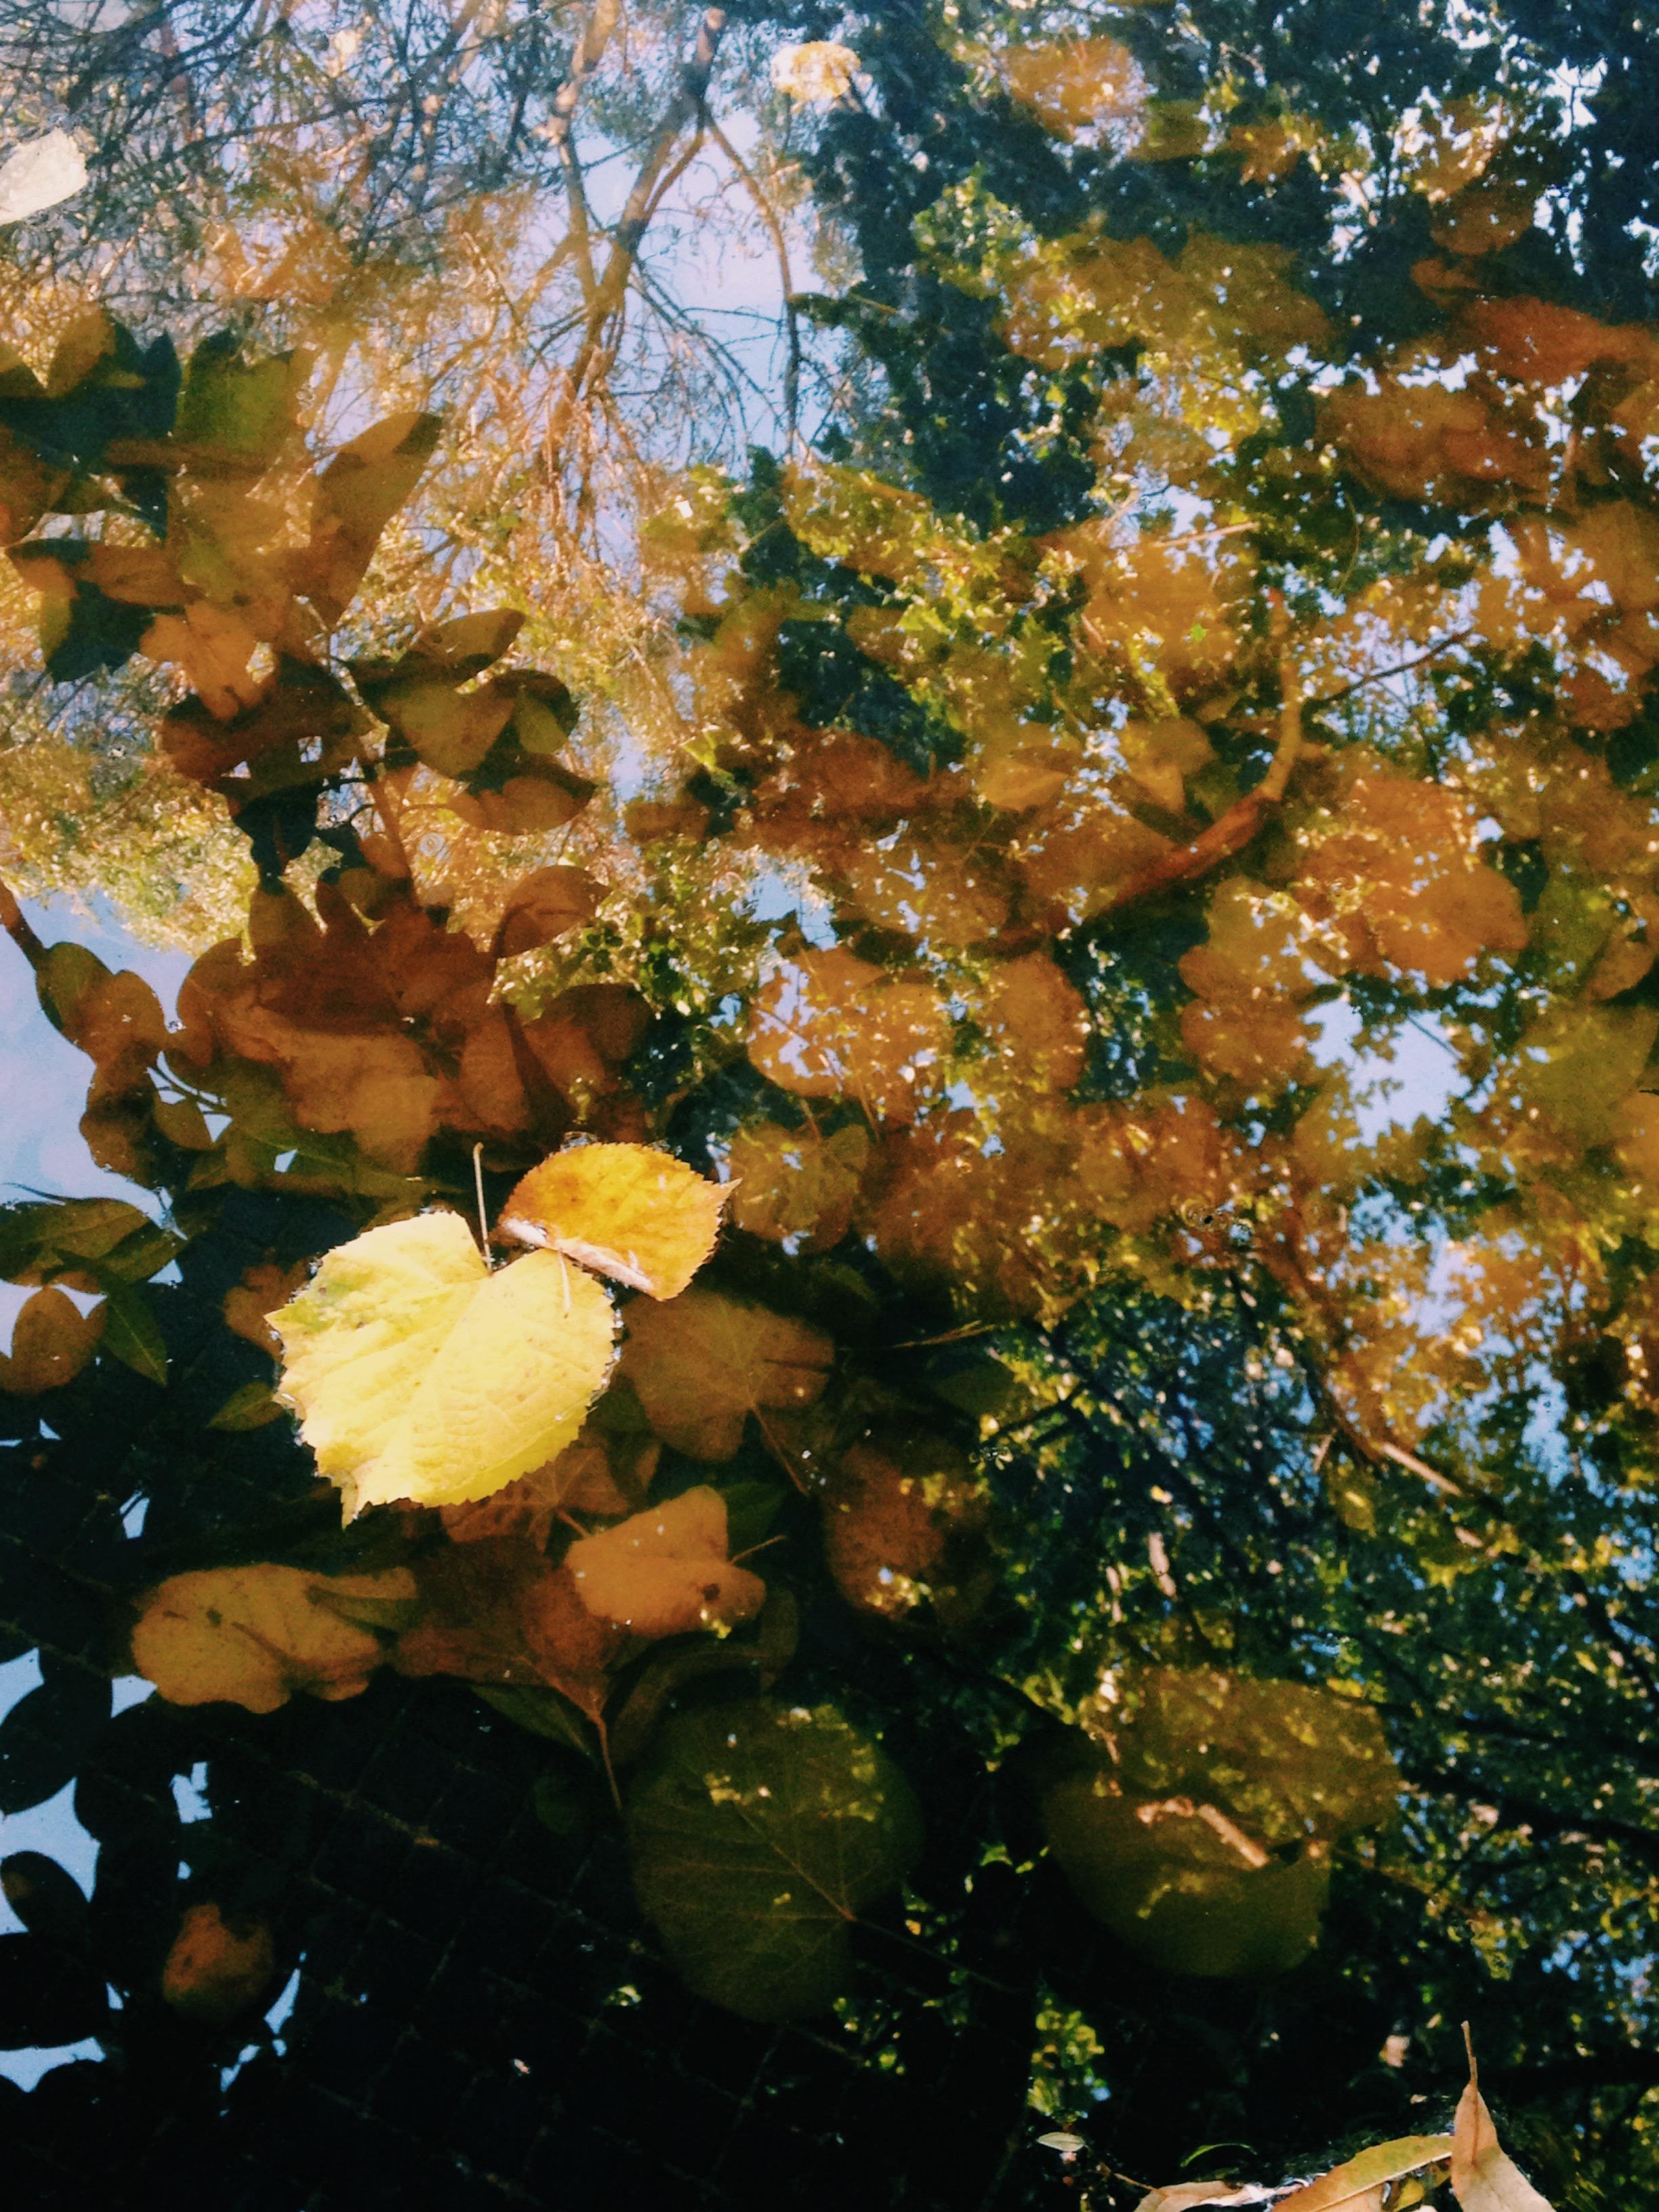 2014-10-30 15.50.45-1.jpg